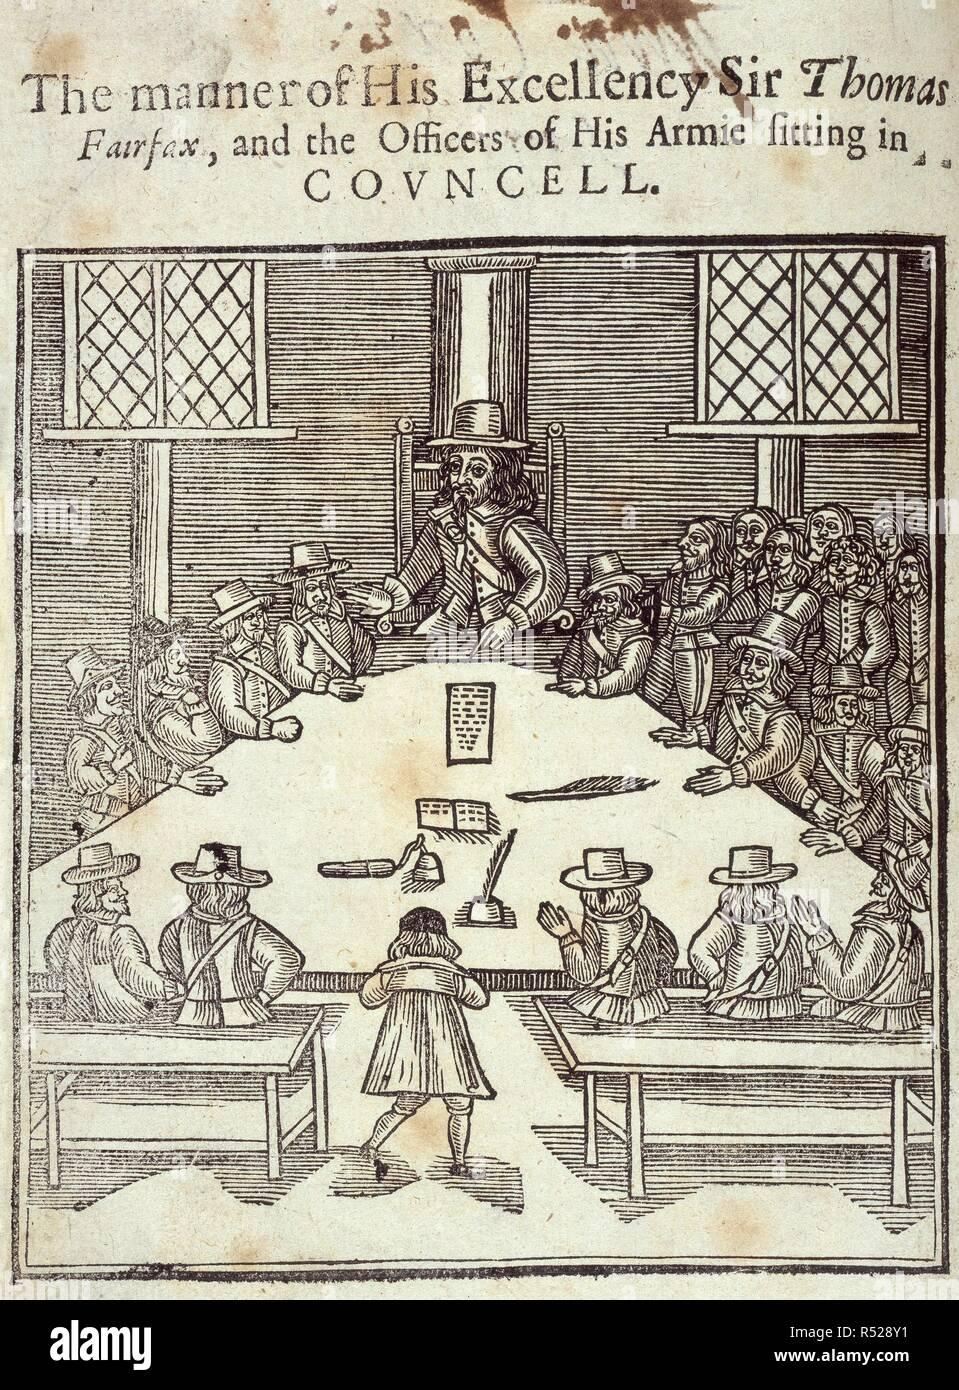 Sir Thomas Fairfax Eine Erklarung Der Verlobungen Remonstrances R